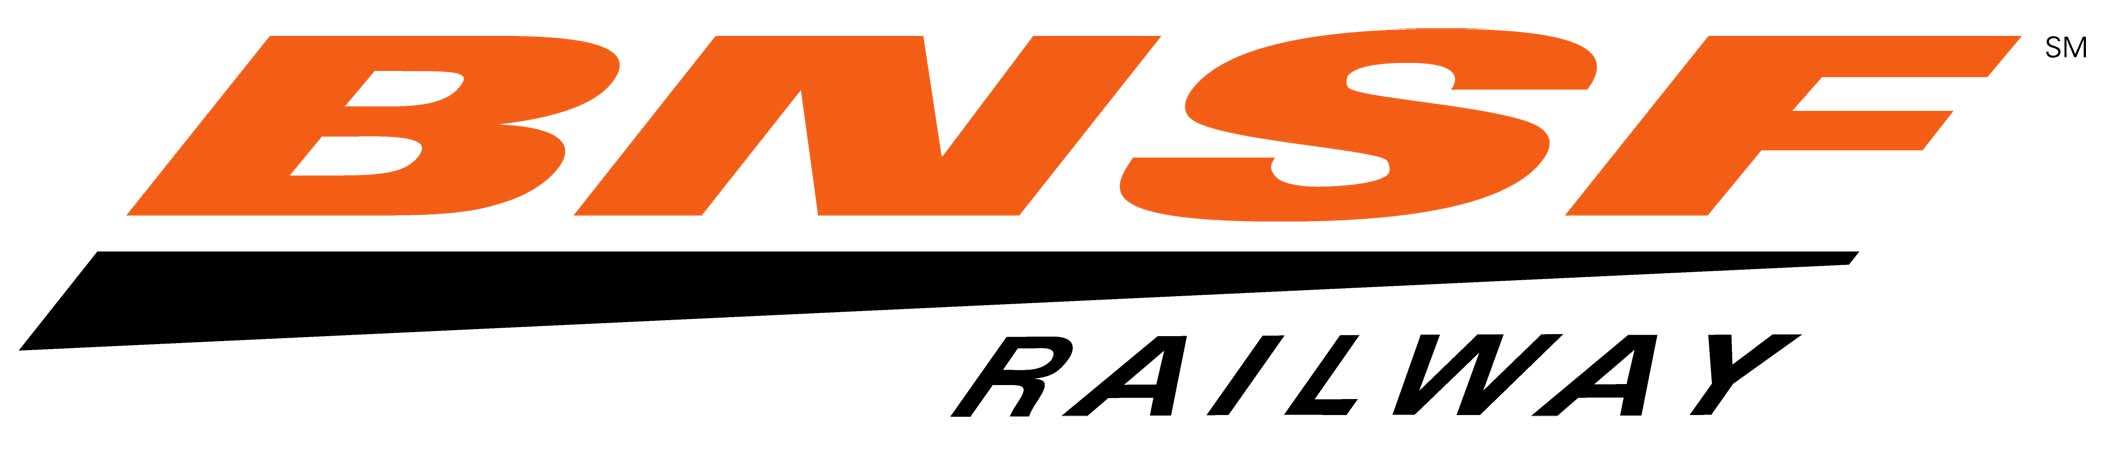 BNSF_logo